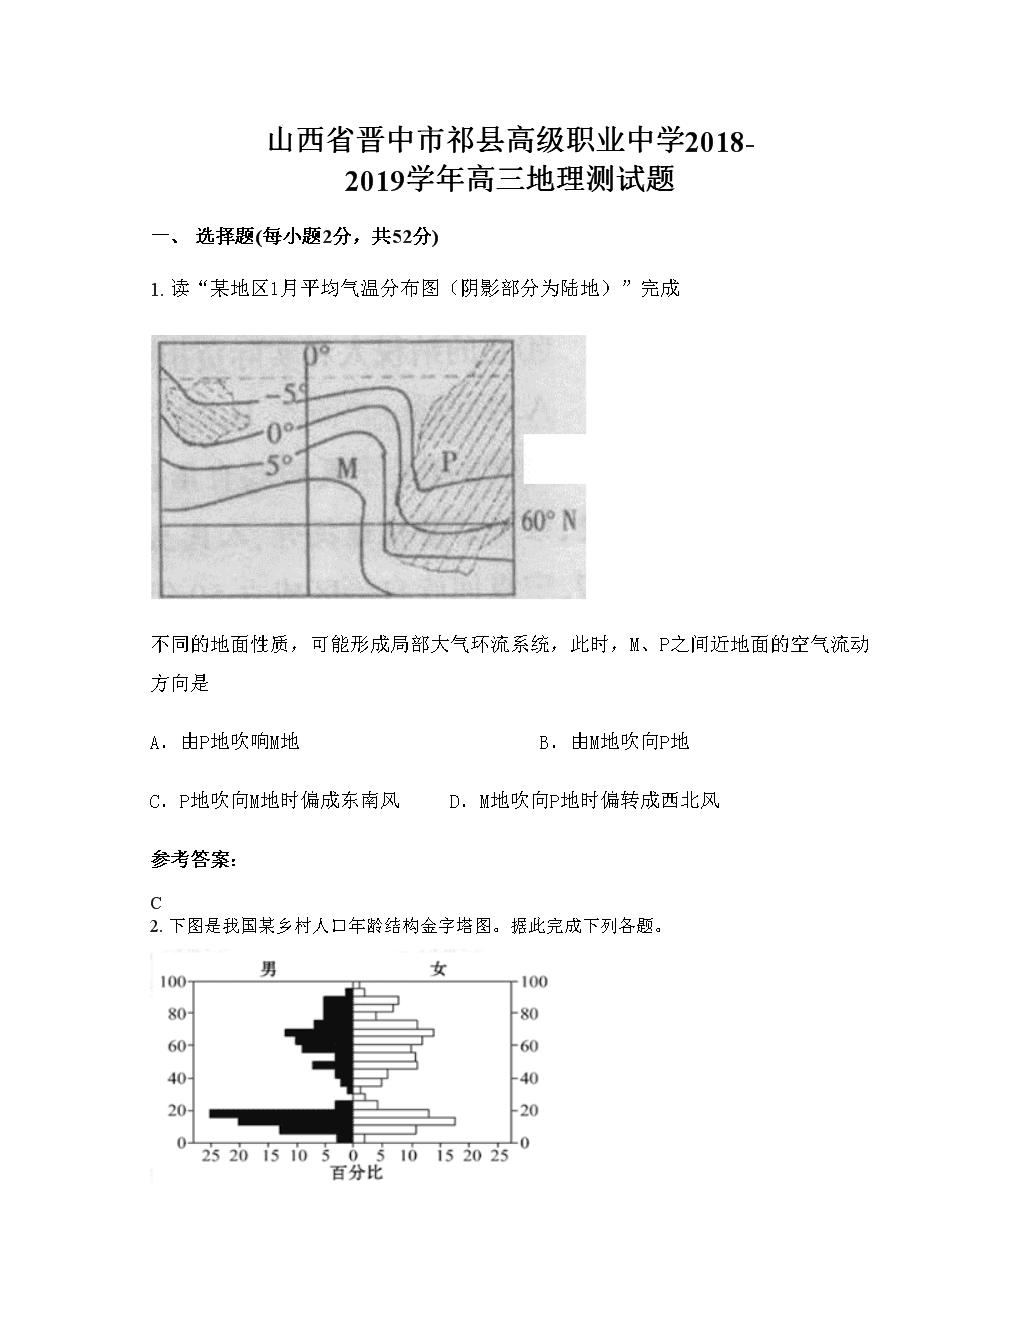 山西省晋中市祁县高级职业中学2018-2019学年高三地理测试题.docx